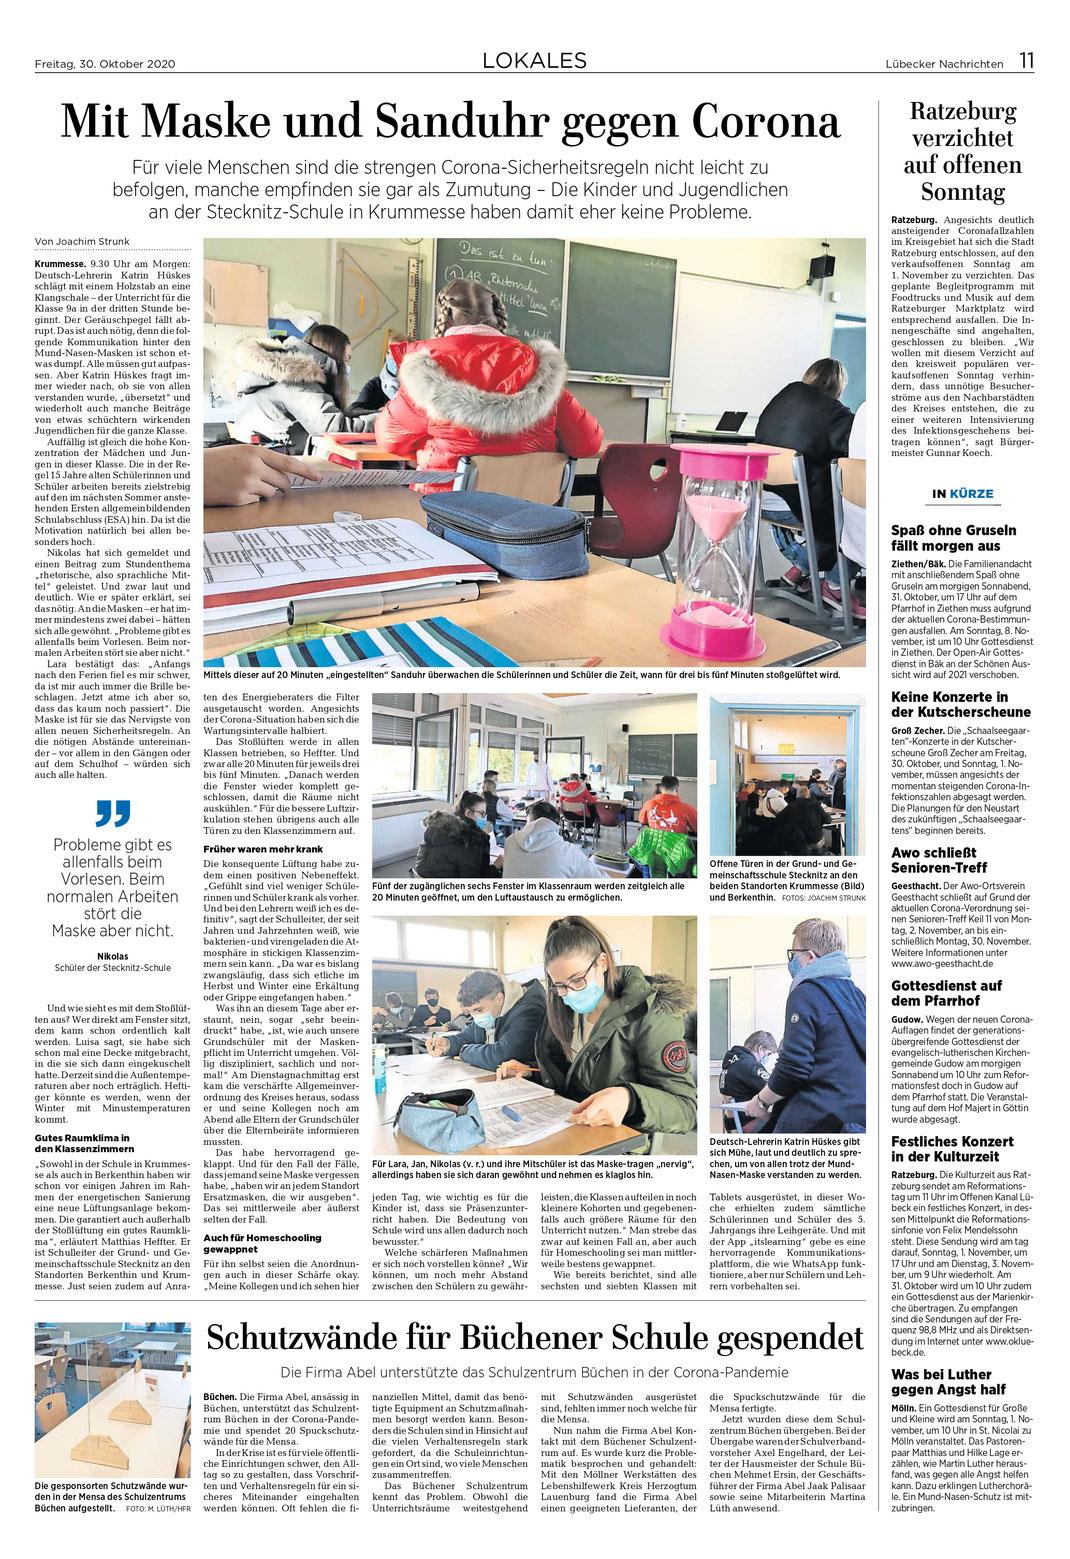 Quelle: Lübecker Nachrichten, vom 30.10.2020, Fotos und Bericht von Joachim Strunk